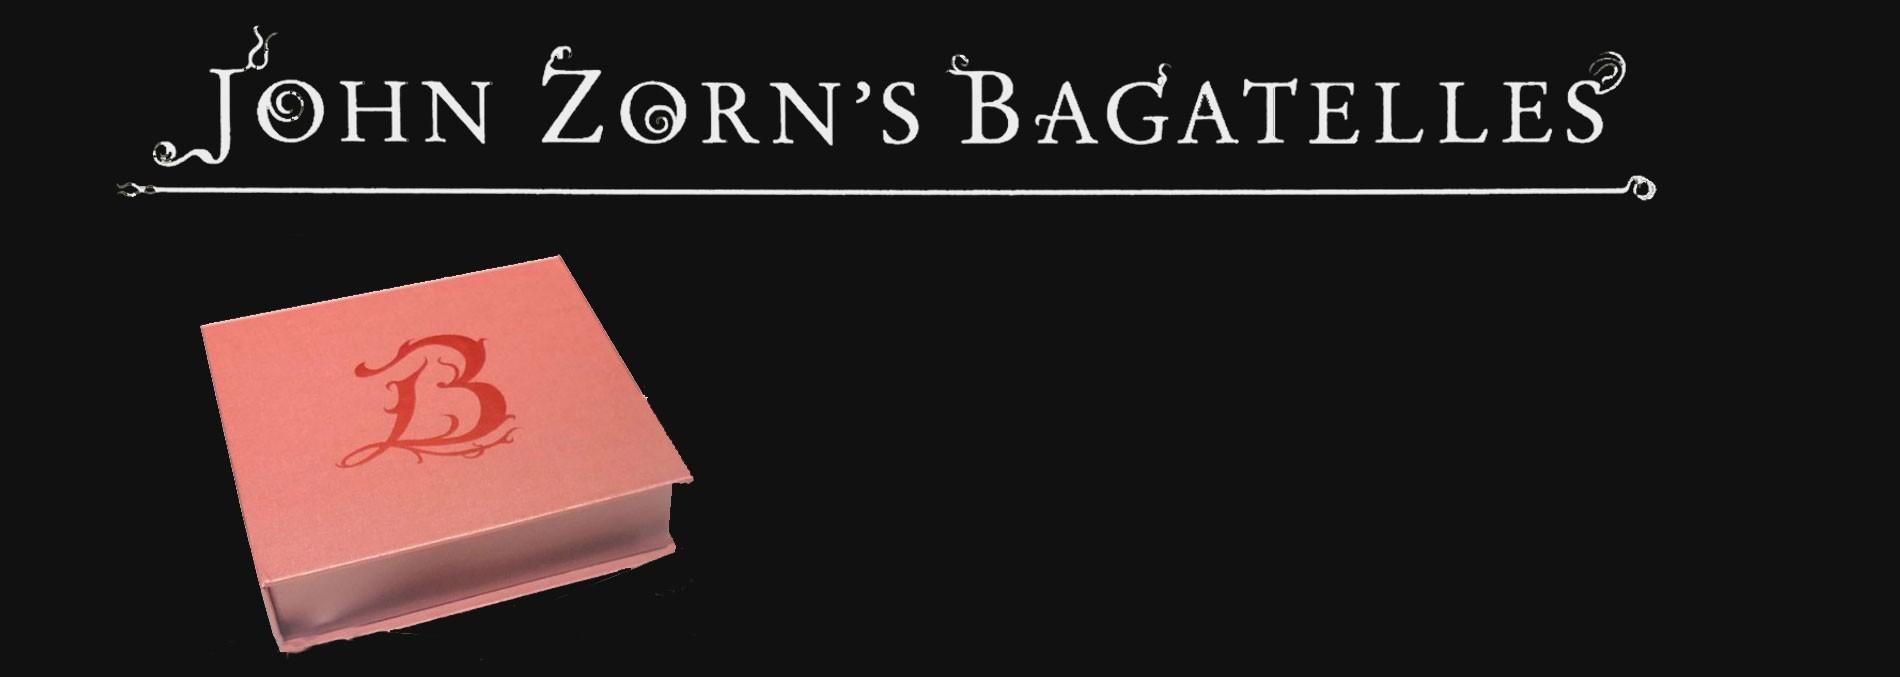 JOHN ZORN'S BAGATELLES 1